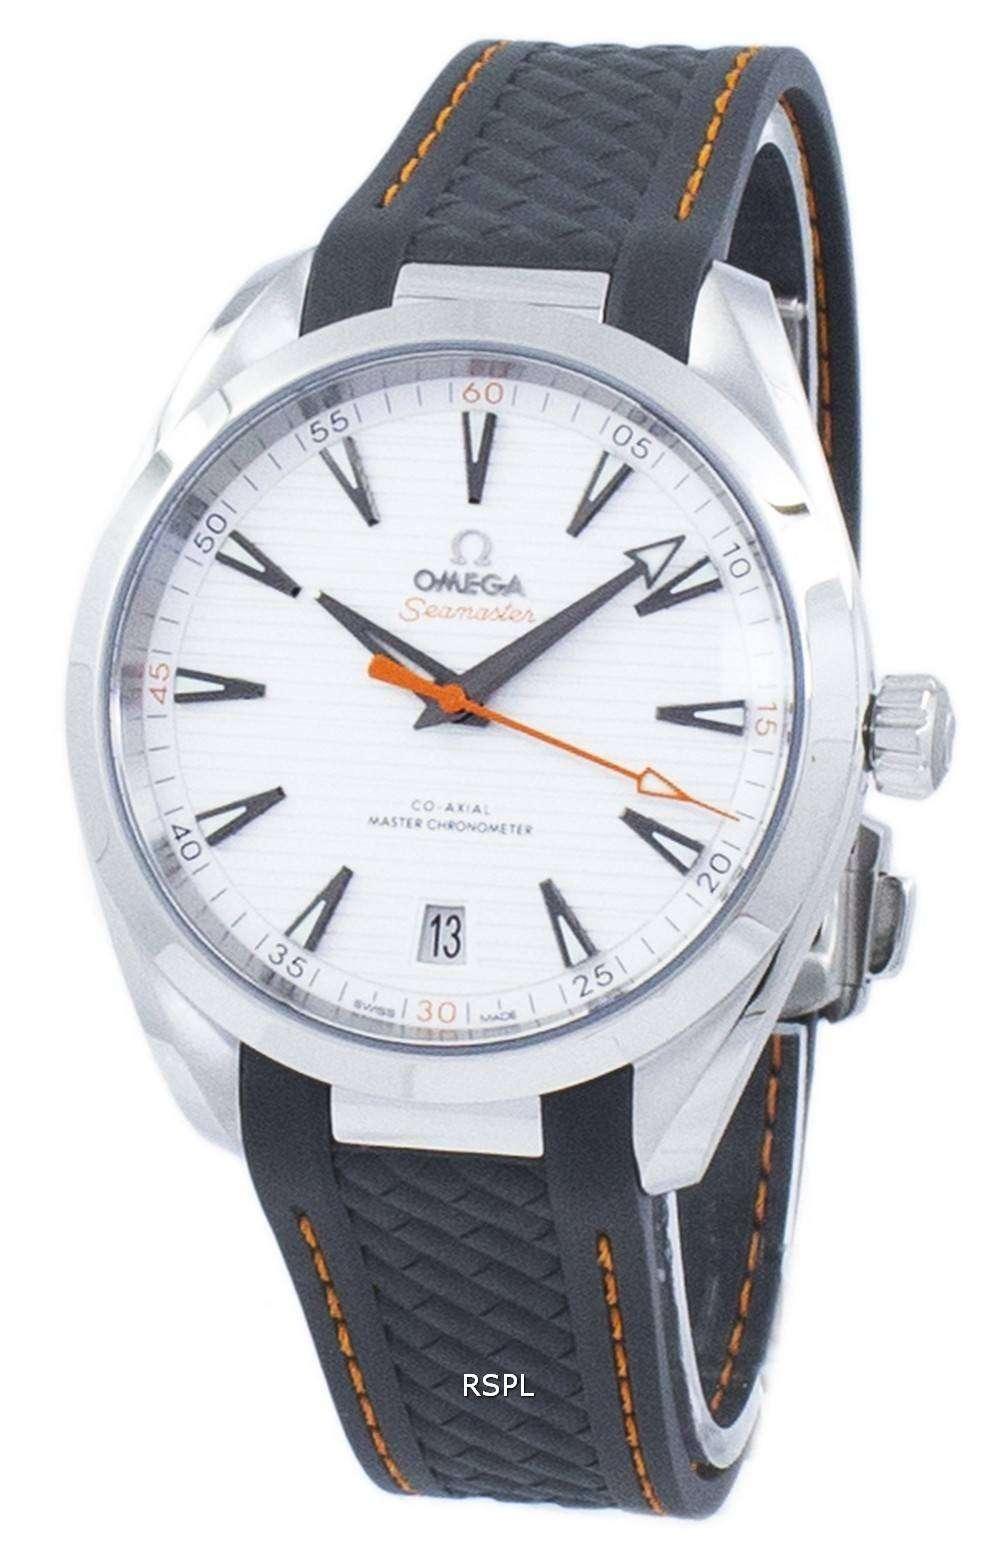 オメガ シーマスター アクアテラ コーアクシャル マスター自動 220.12.41.21.02.002 メンズ腕時計